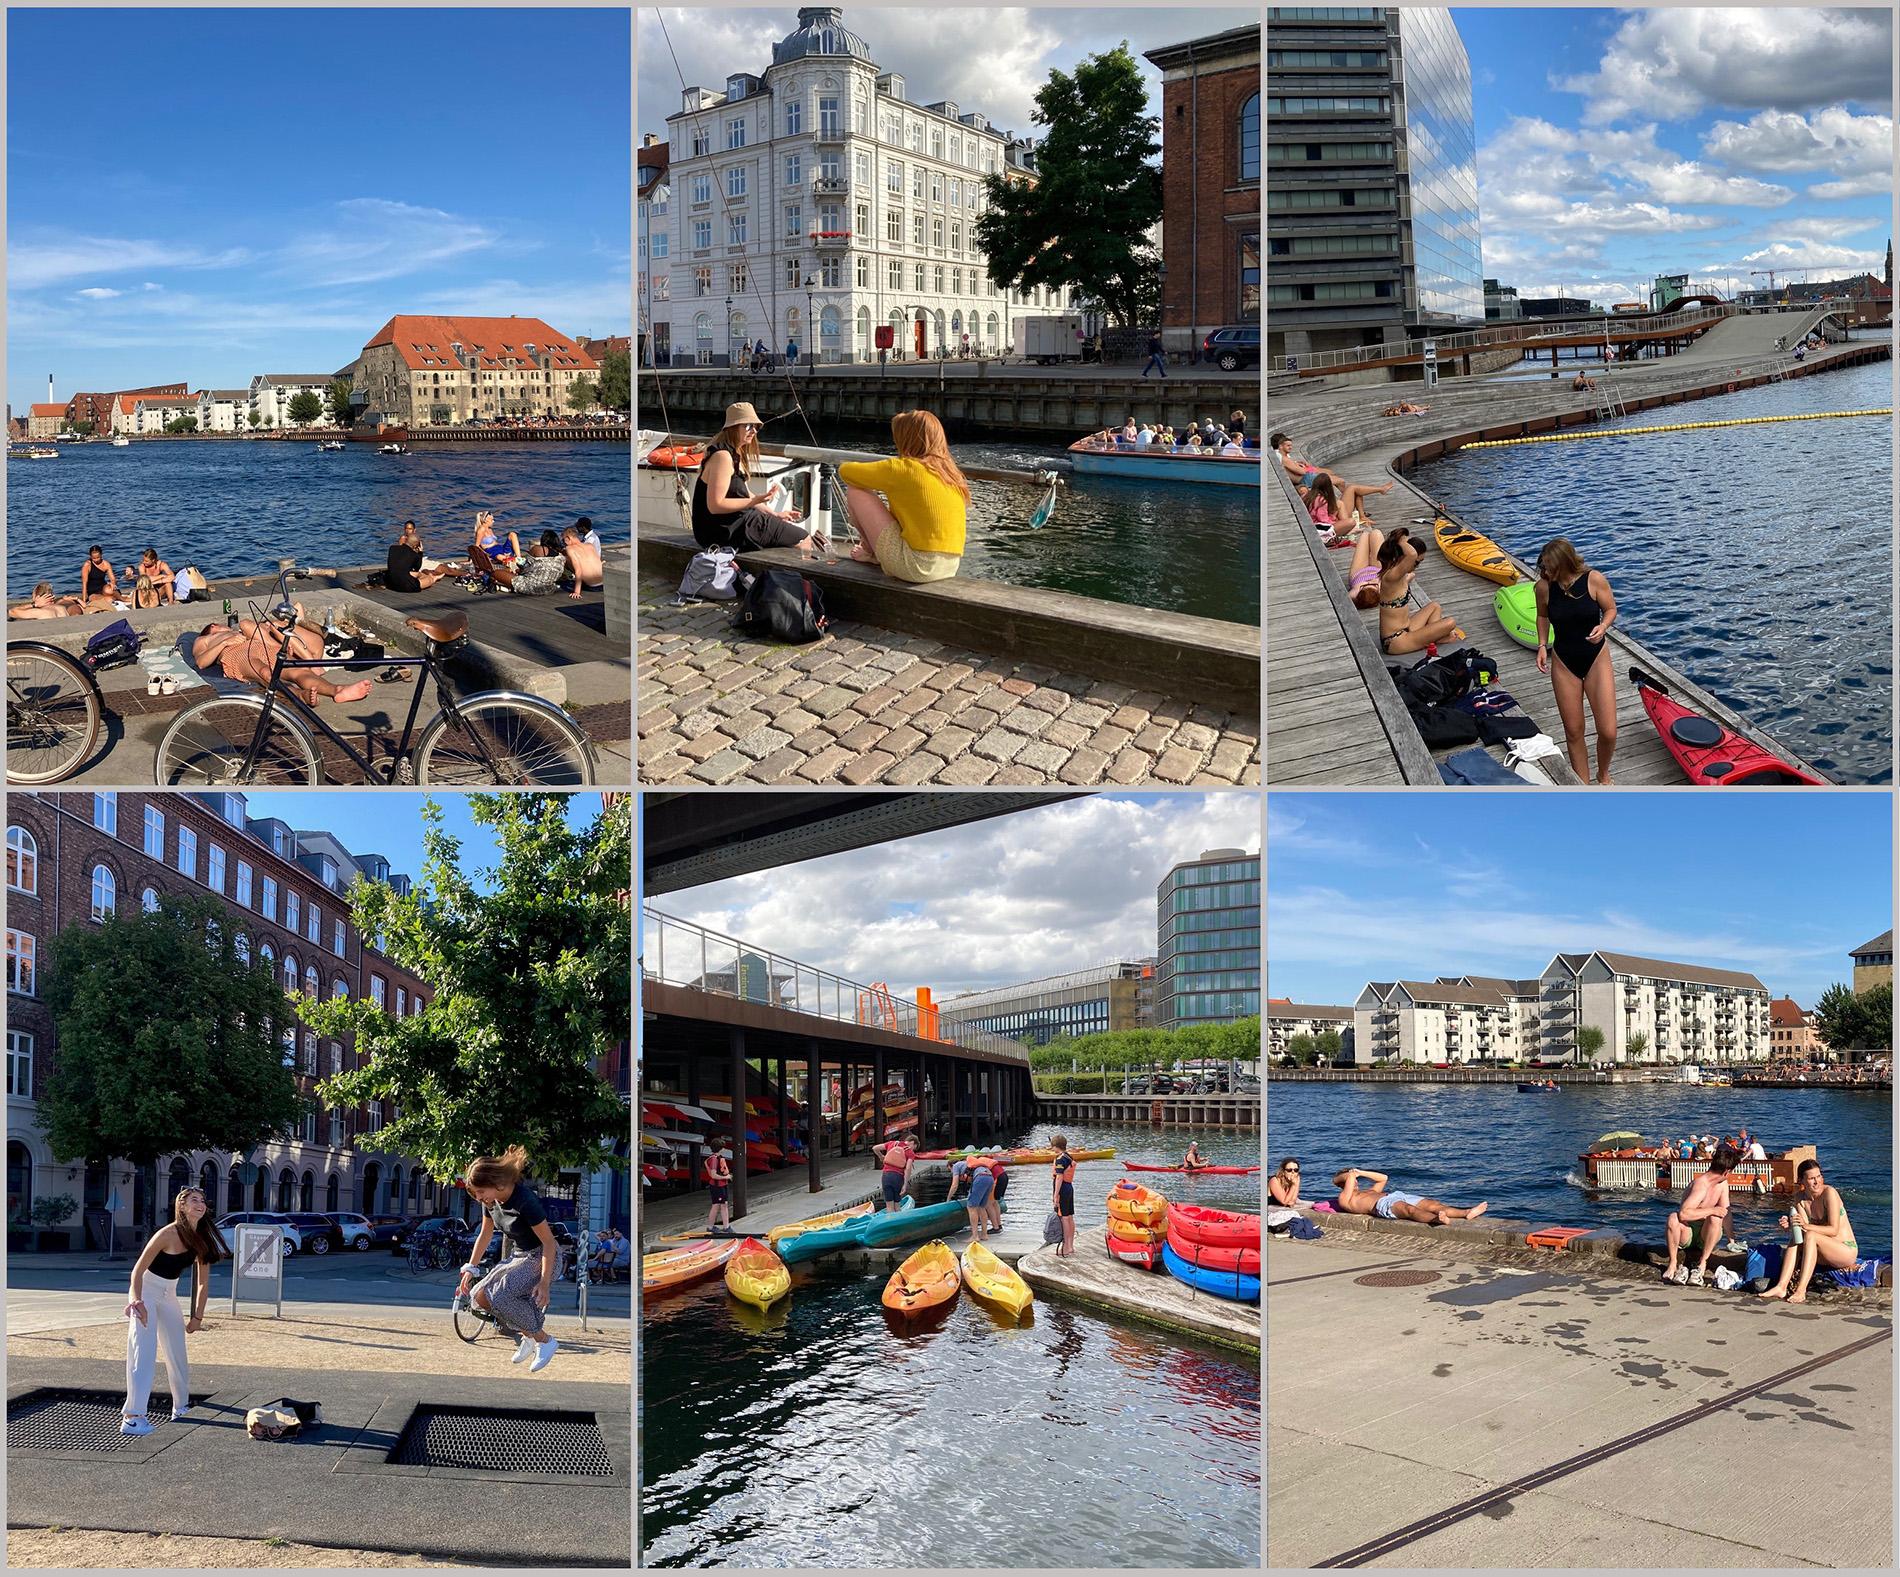 Köpenhamn är en stad som satsar mycket på olika typer av offentliga rum. Foto: Emina Kovacic